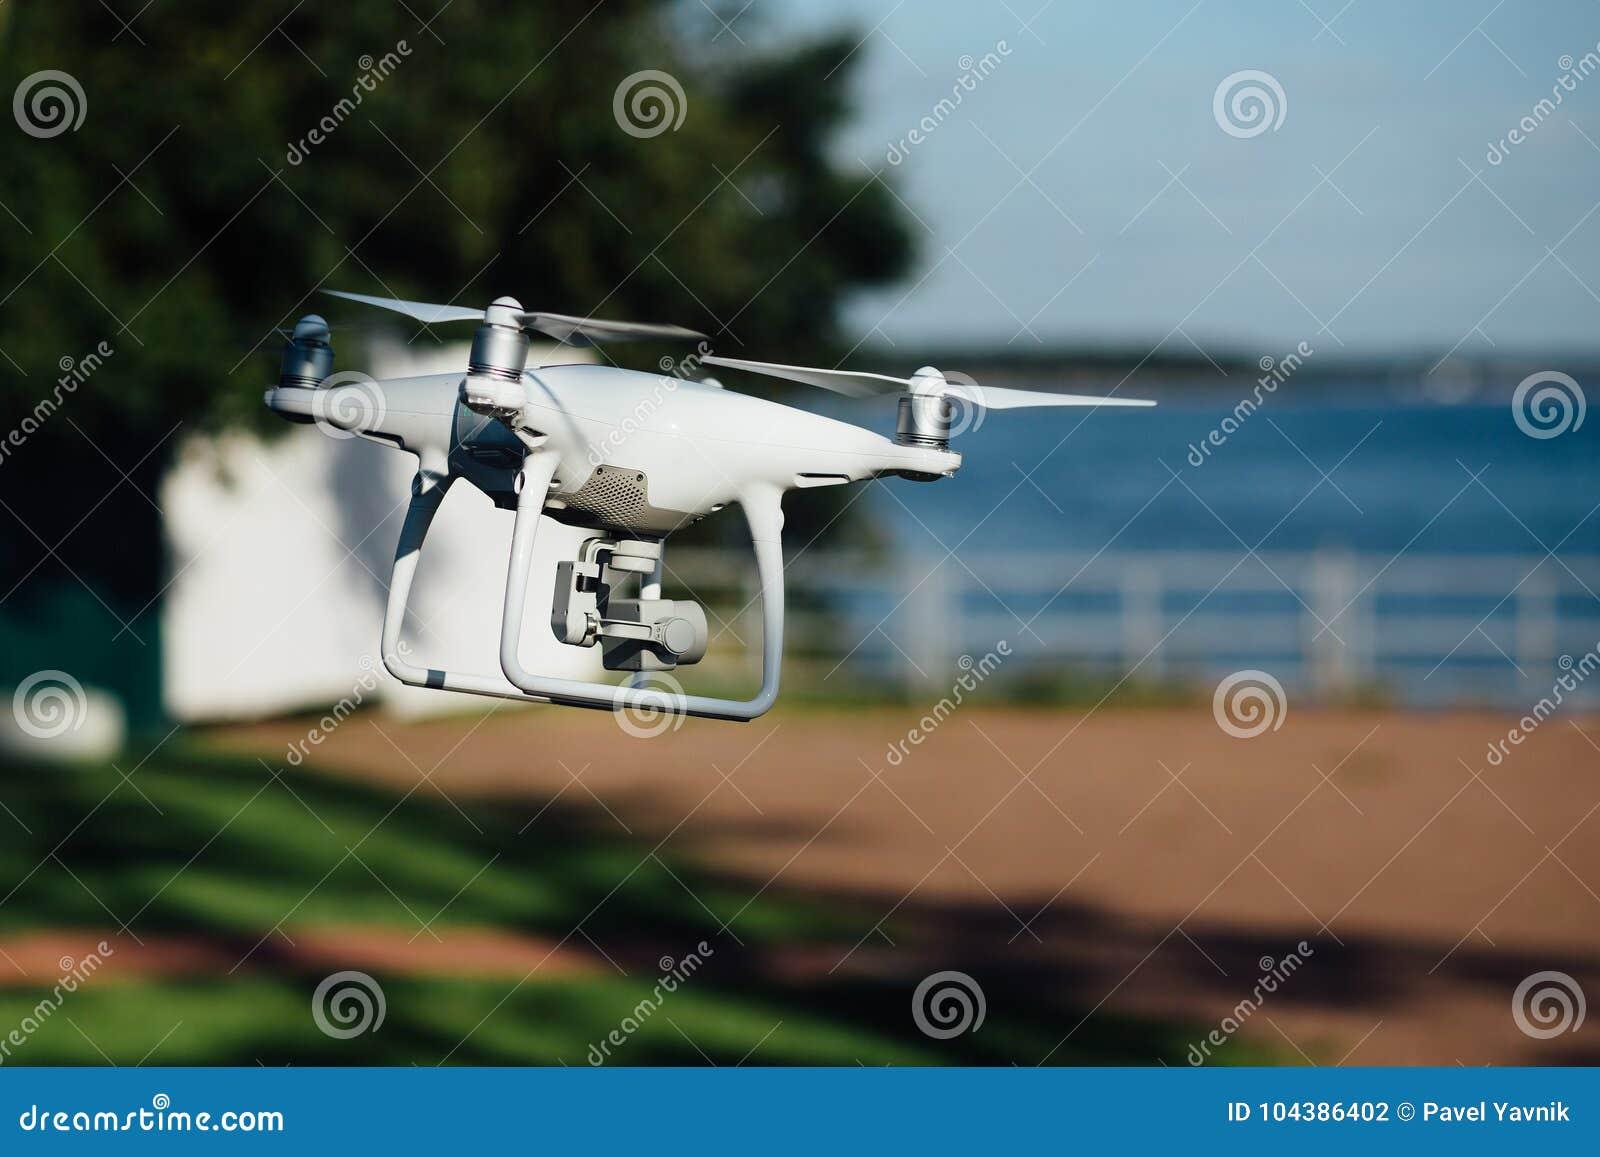 Commander drone pour photographe et avis drone armée de l air